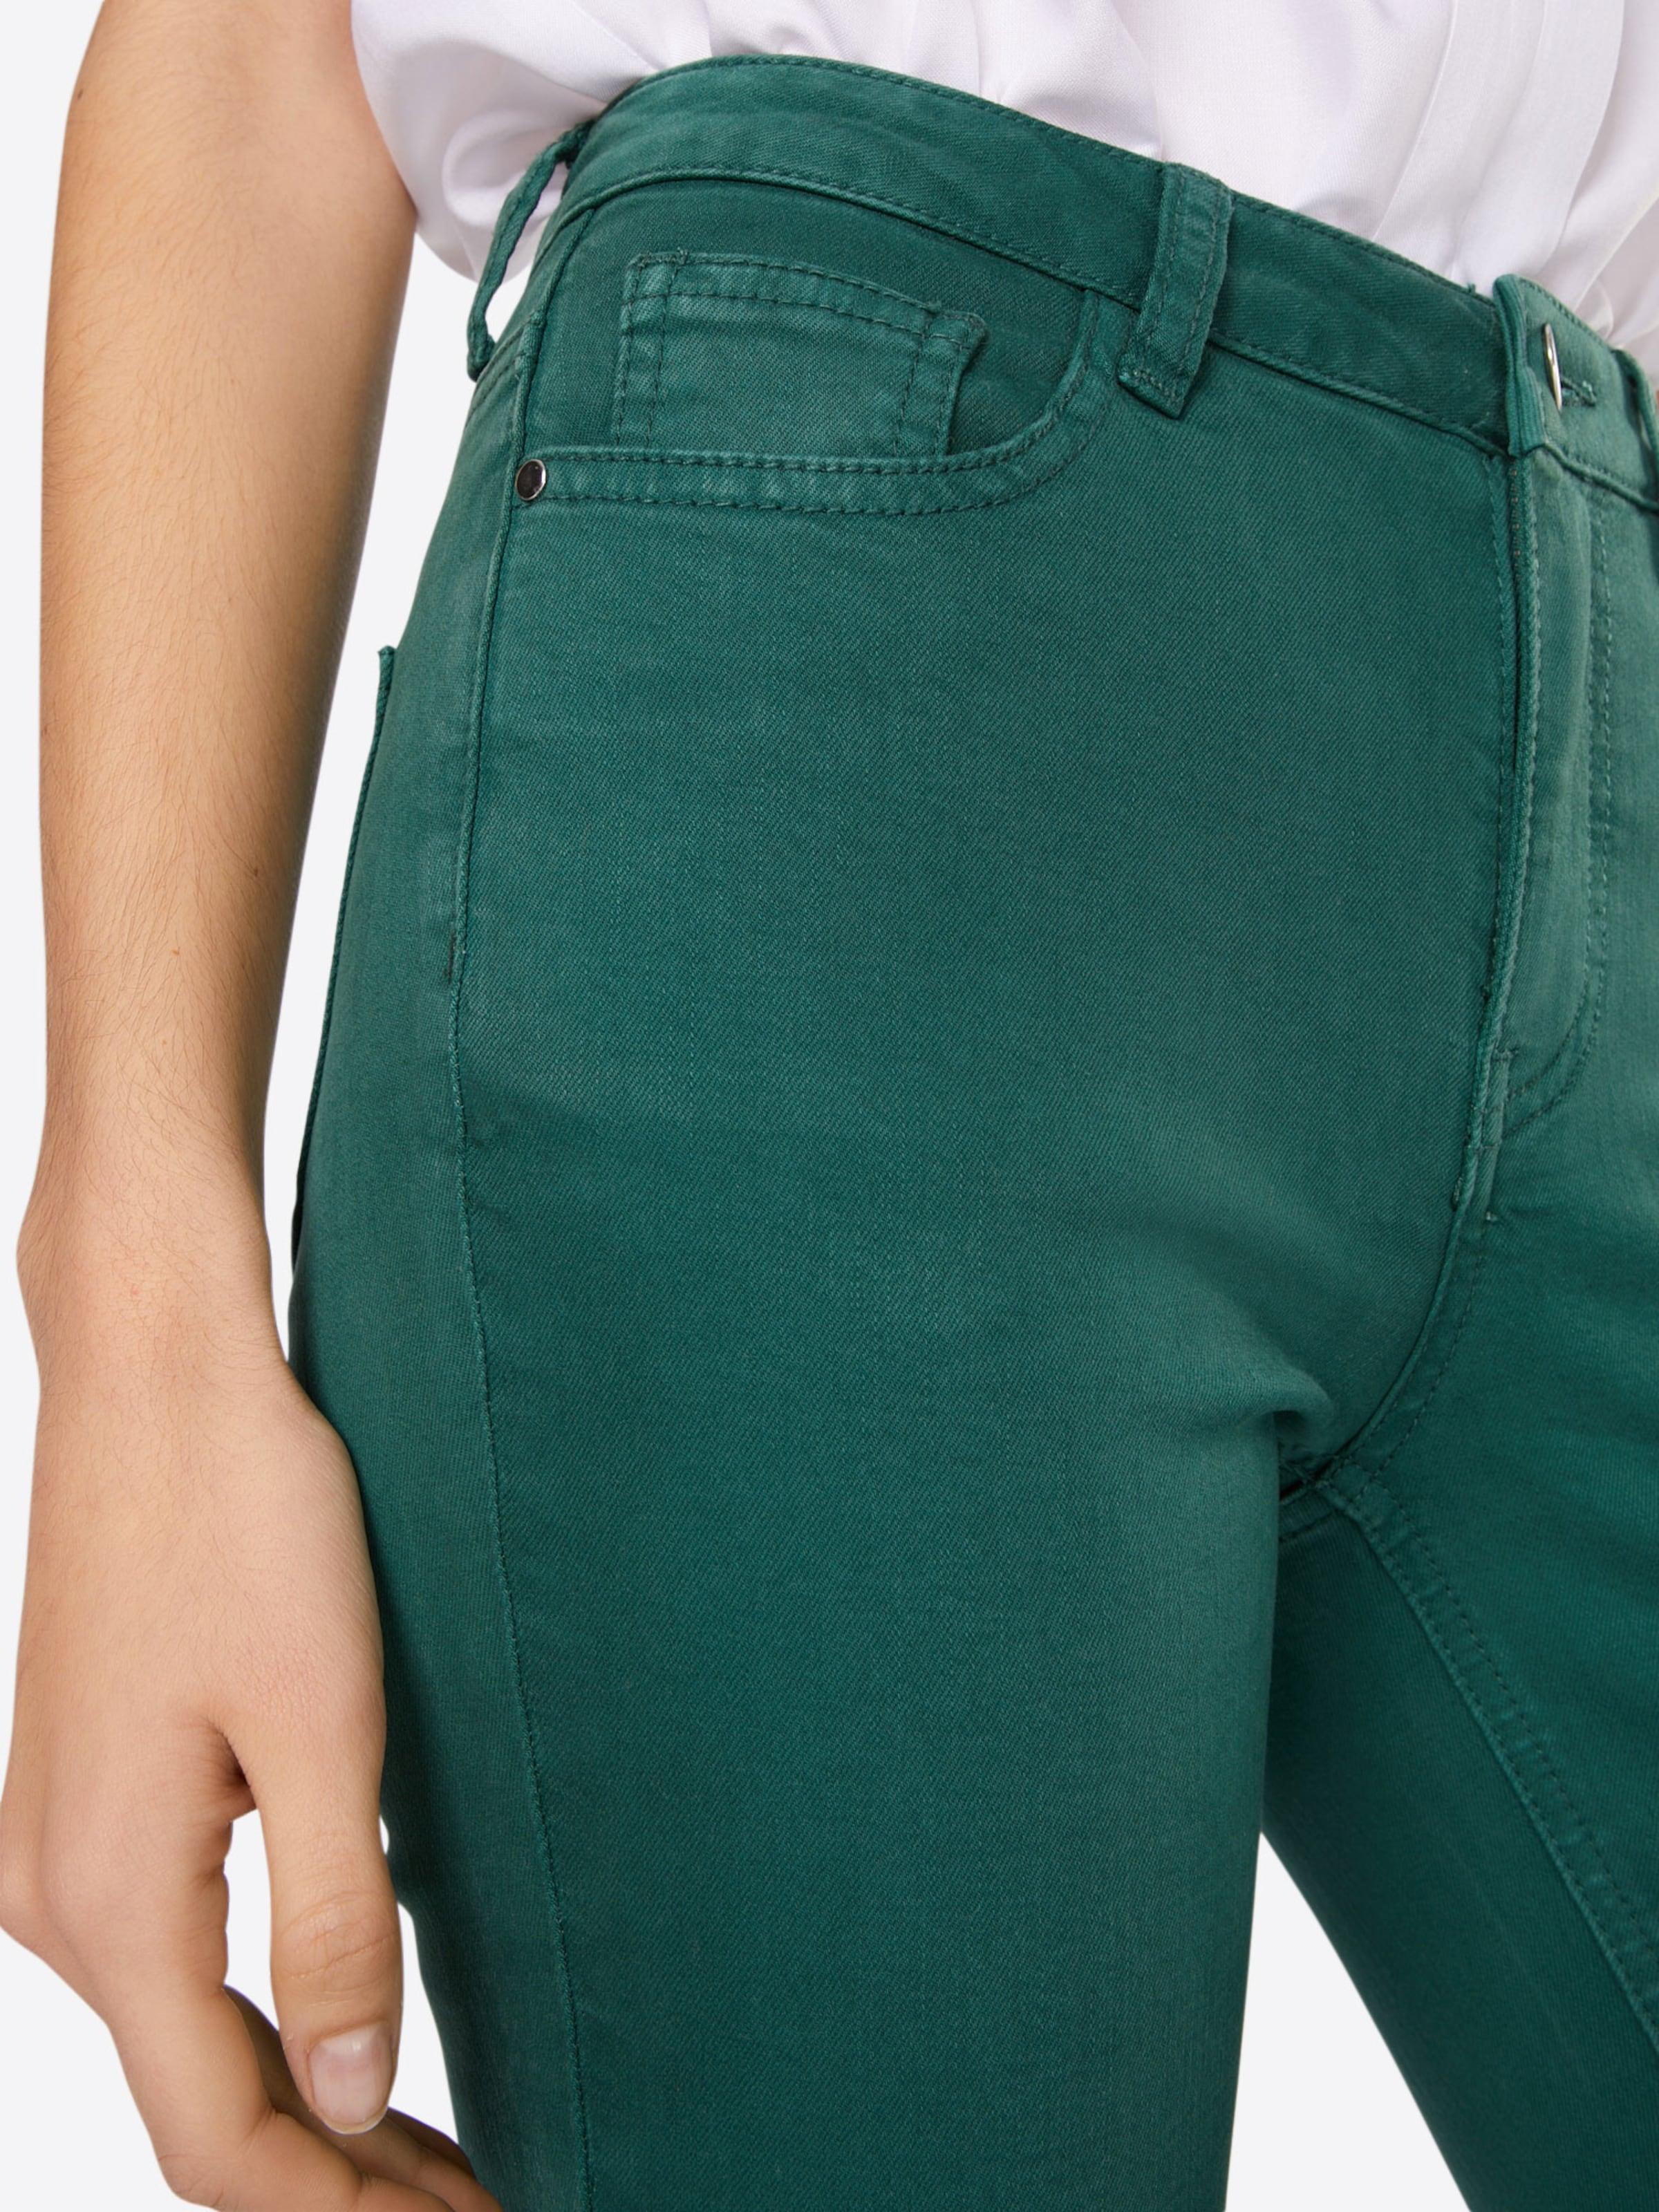 Heißen Verkauf Zum Verkauf Billige Neuesten Kollektionen ABOUT YOU Regular Jeans 'Mandy' Sehr Billig Zu Verkaufen Günstige Manchester-Großer Verkauf Günstig Kaufen Niedrigen Preis Lyj8G6LTY